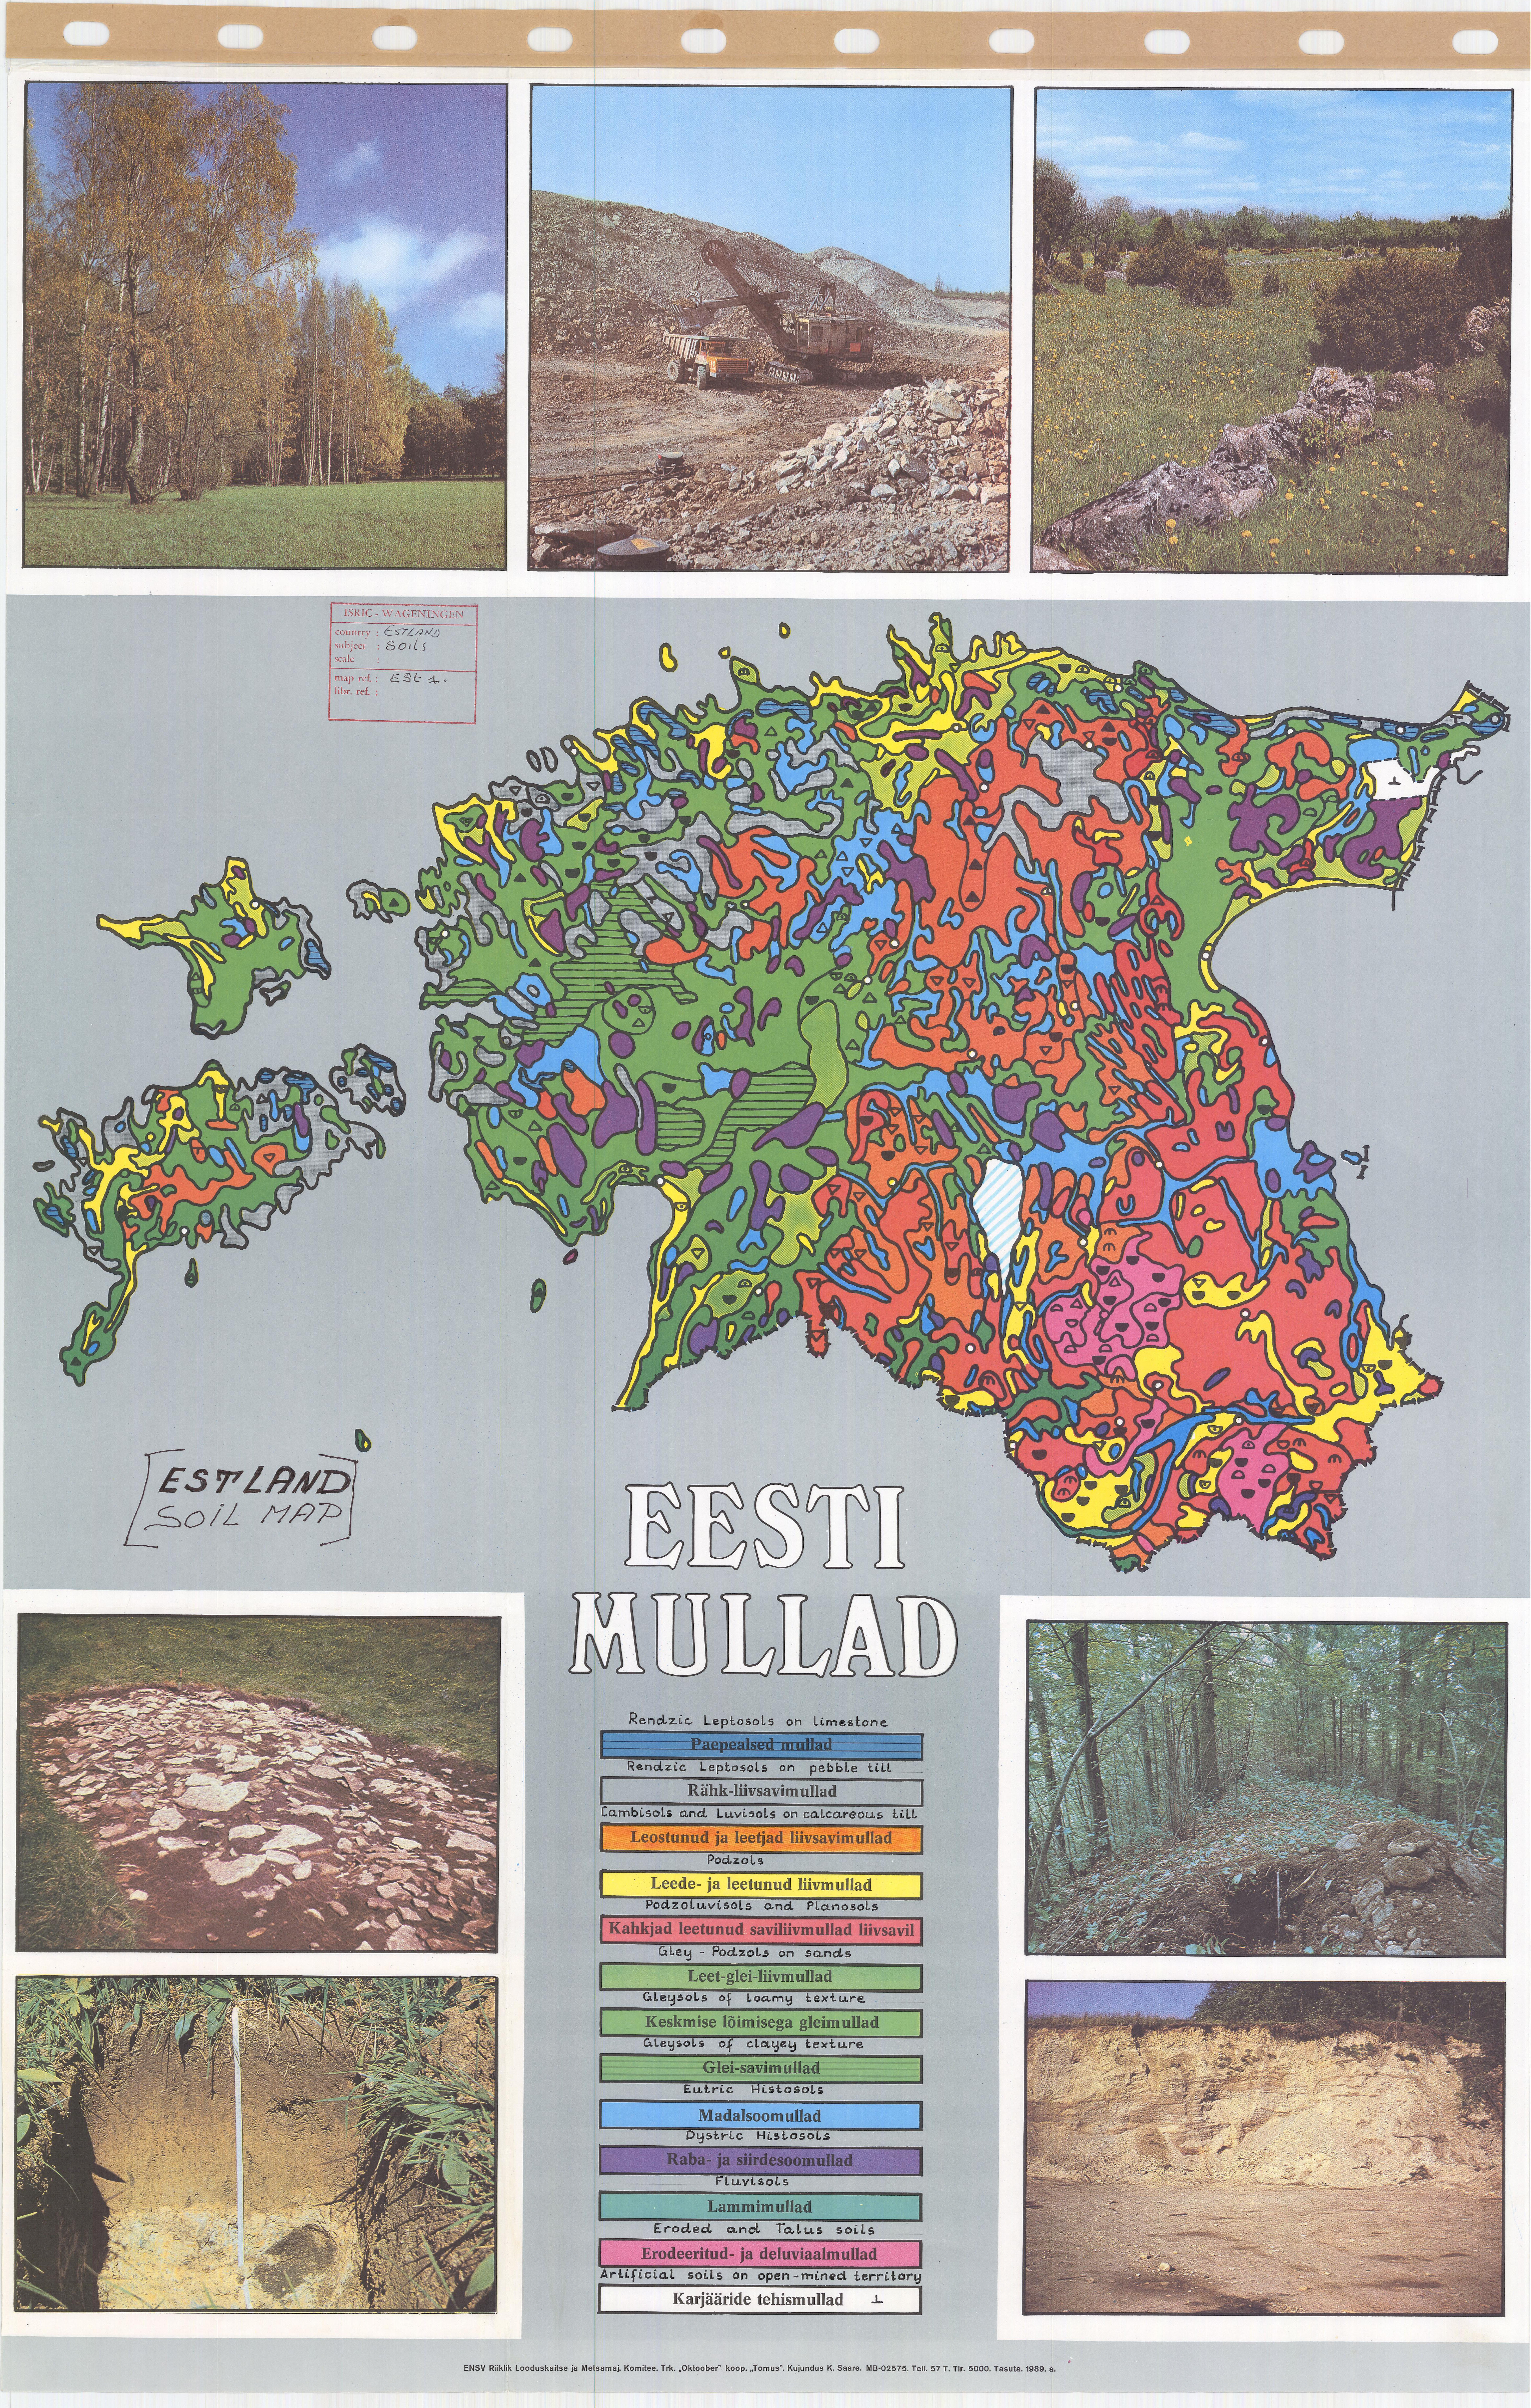 Soil map Estonia - Eesti Mullad - ESDAC - European Commission